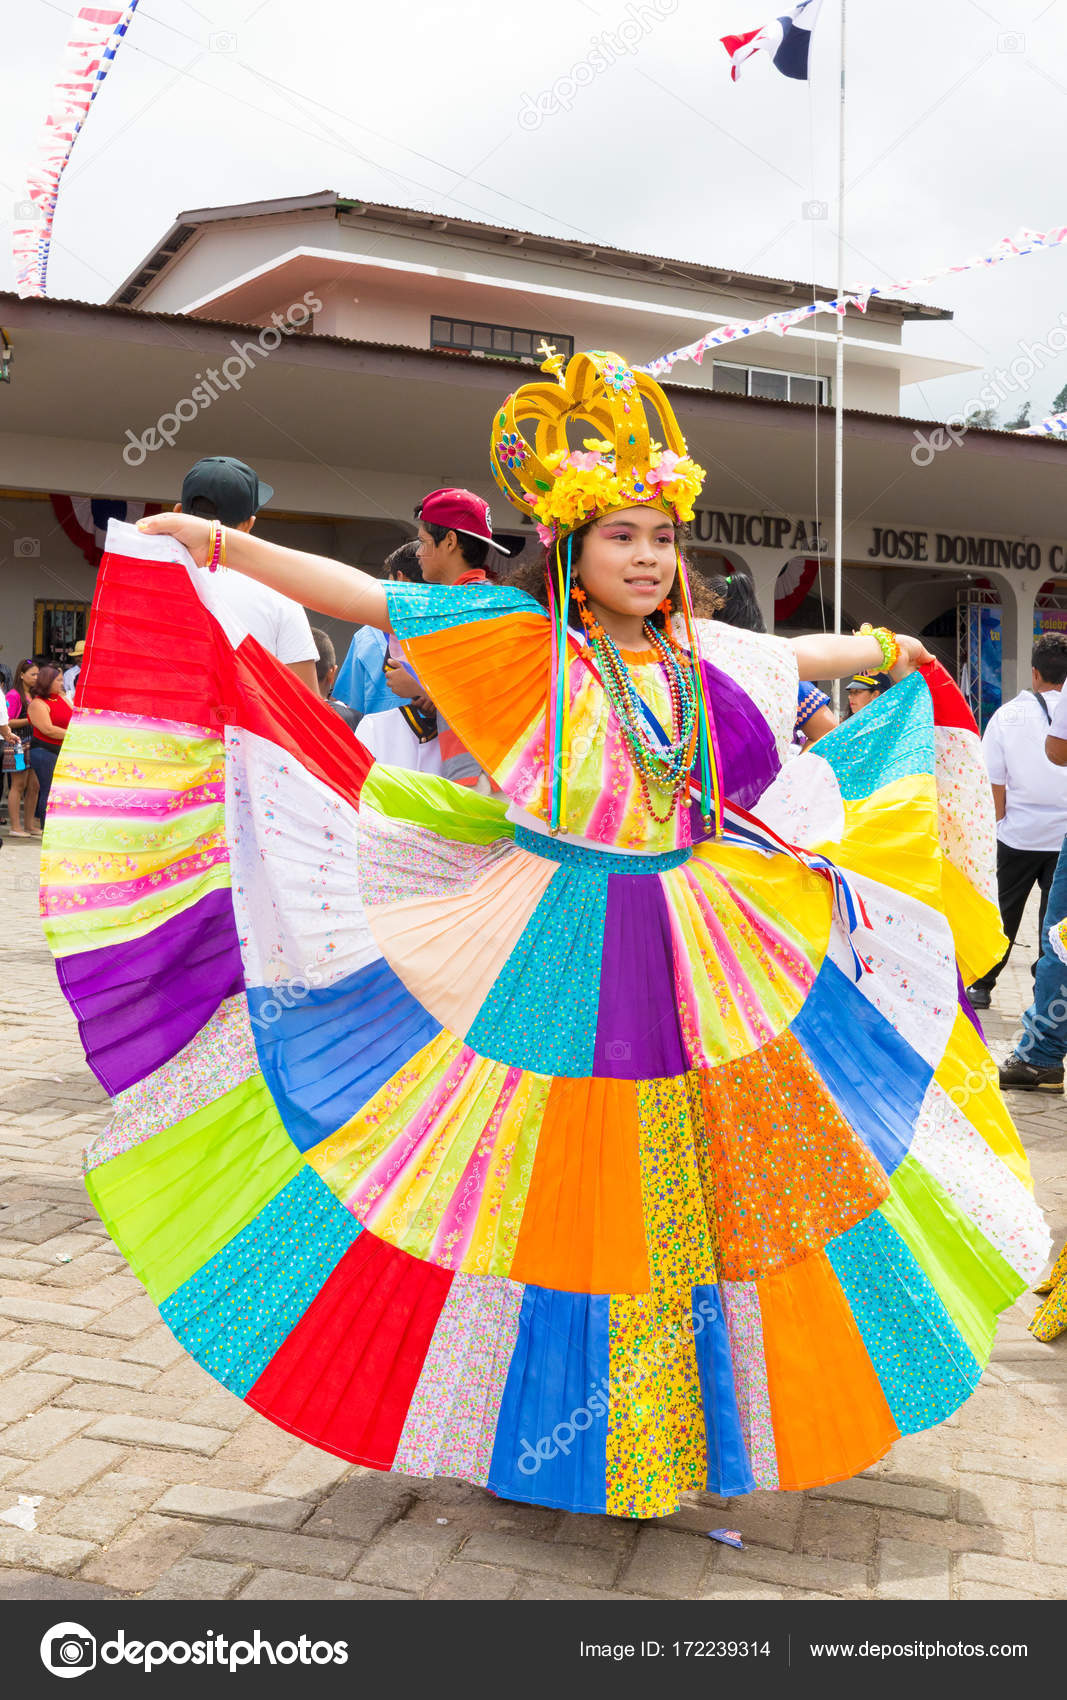 Nina De Dia De Independencia De Panama En El Colorido Vestido